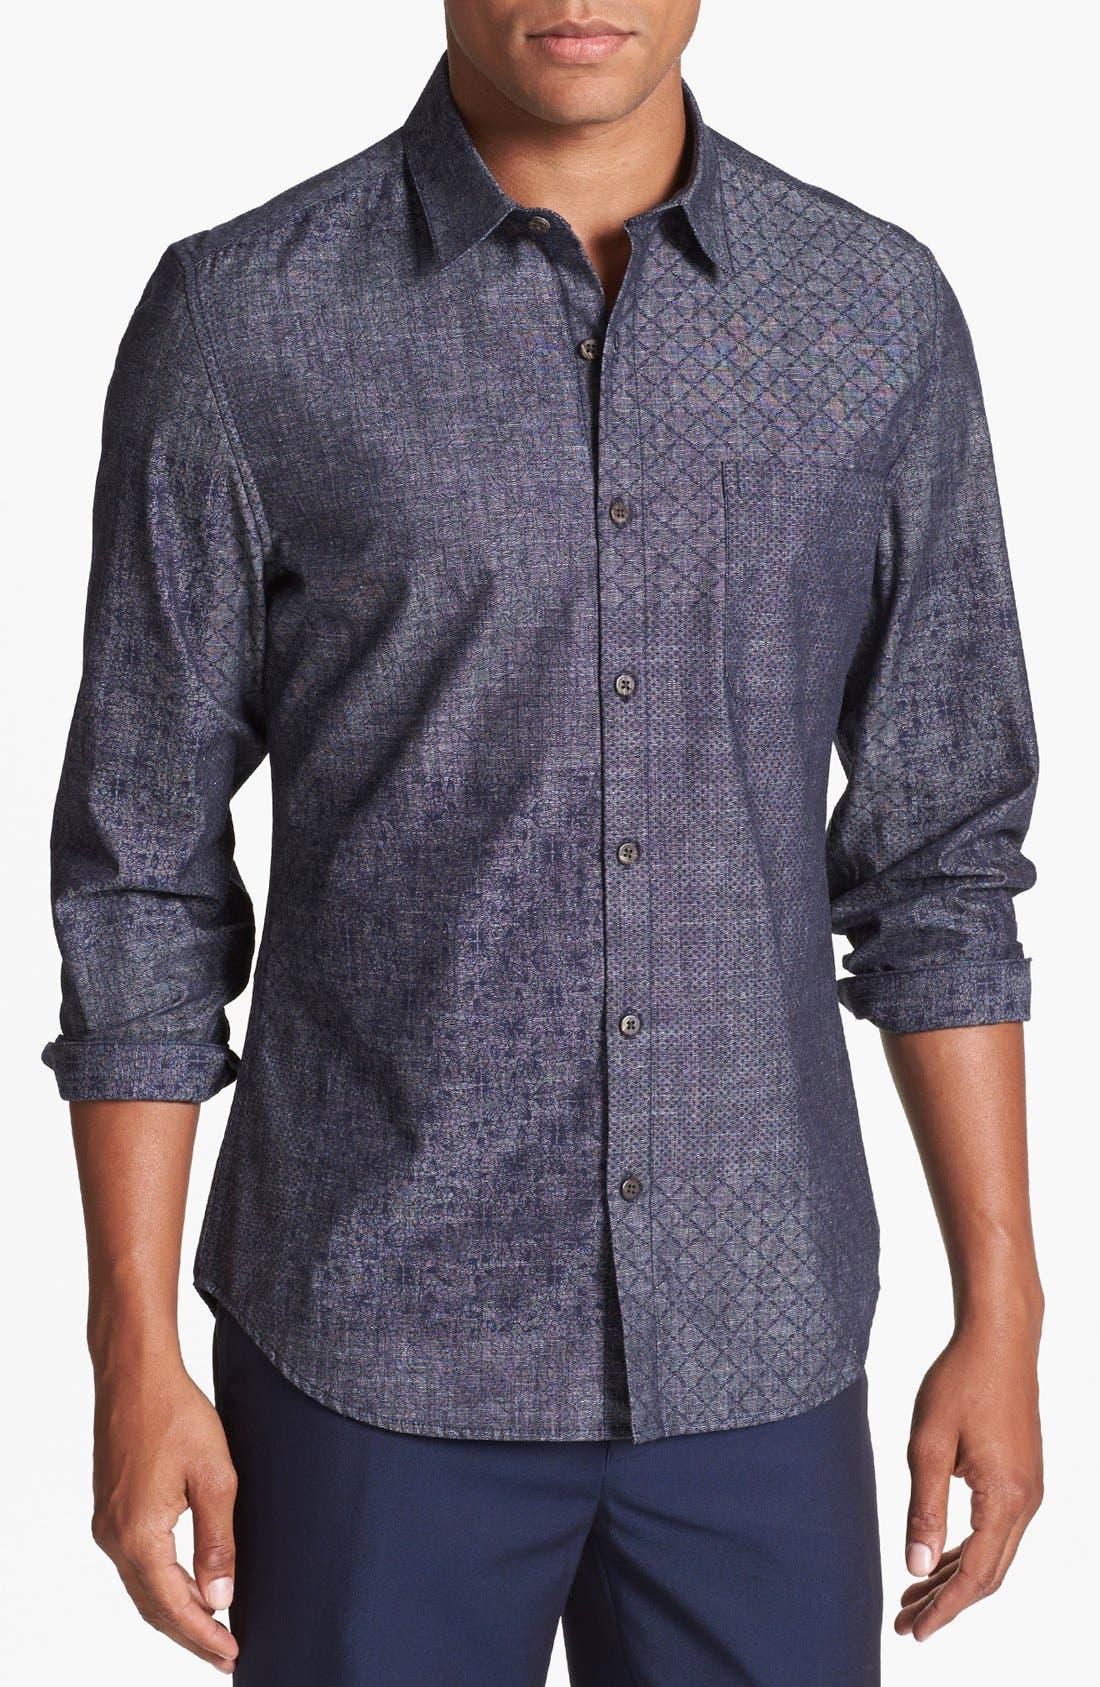 Main Image - Topman Mix Print Pattern Chambray Shirt